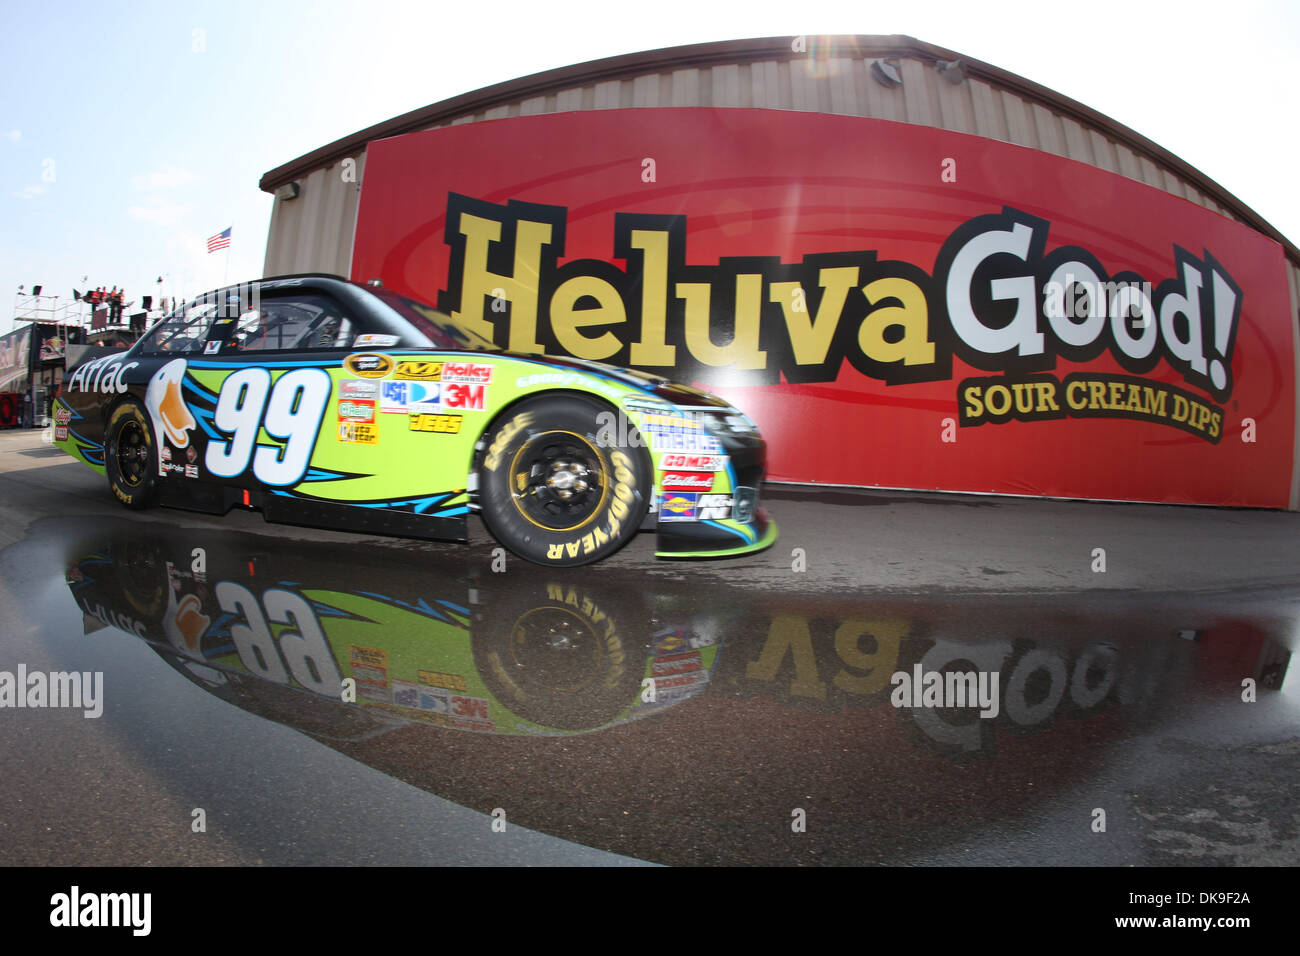 El 20 de agosto, 2011 - Brooklyn, Michigan, EE.UU. - NASCAR Sprint Cup Series driver Carl Edward (99) durante la práctica de la Pure Michigan 400 en Michigan International Speedway. (Crédito de la Imagen: © Rey Del Río/Global/ZUMAPRESS.com) Southcreek Foto de stock